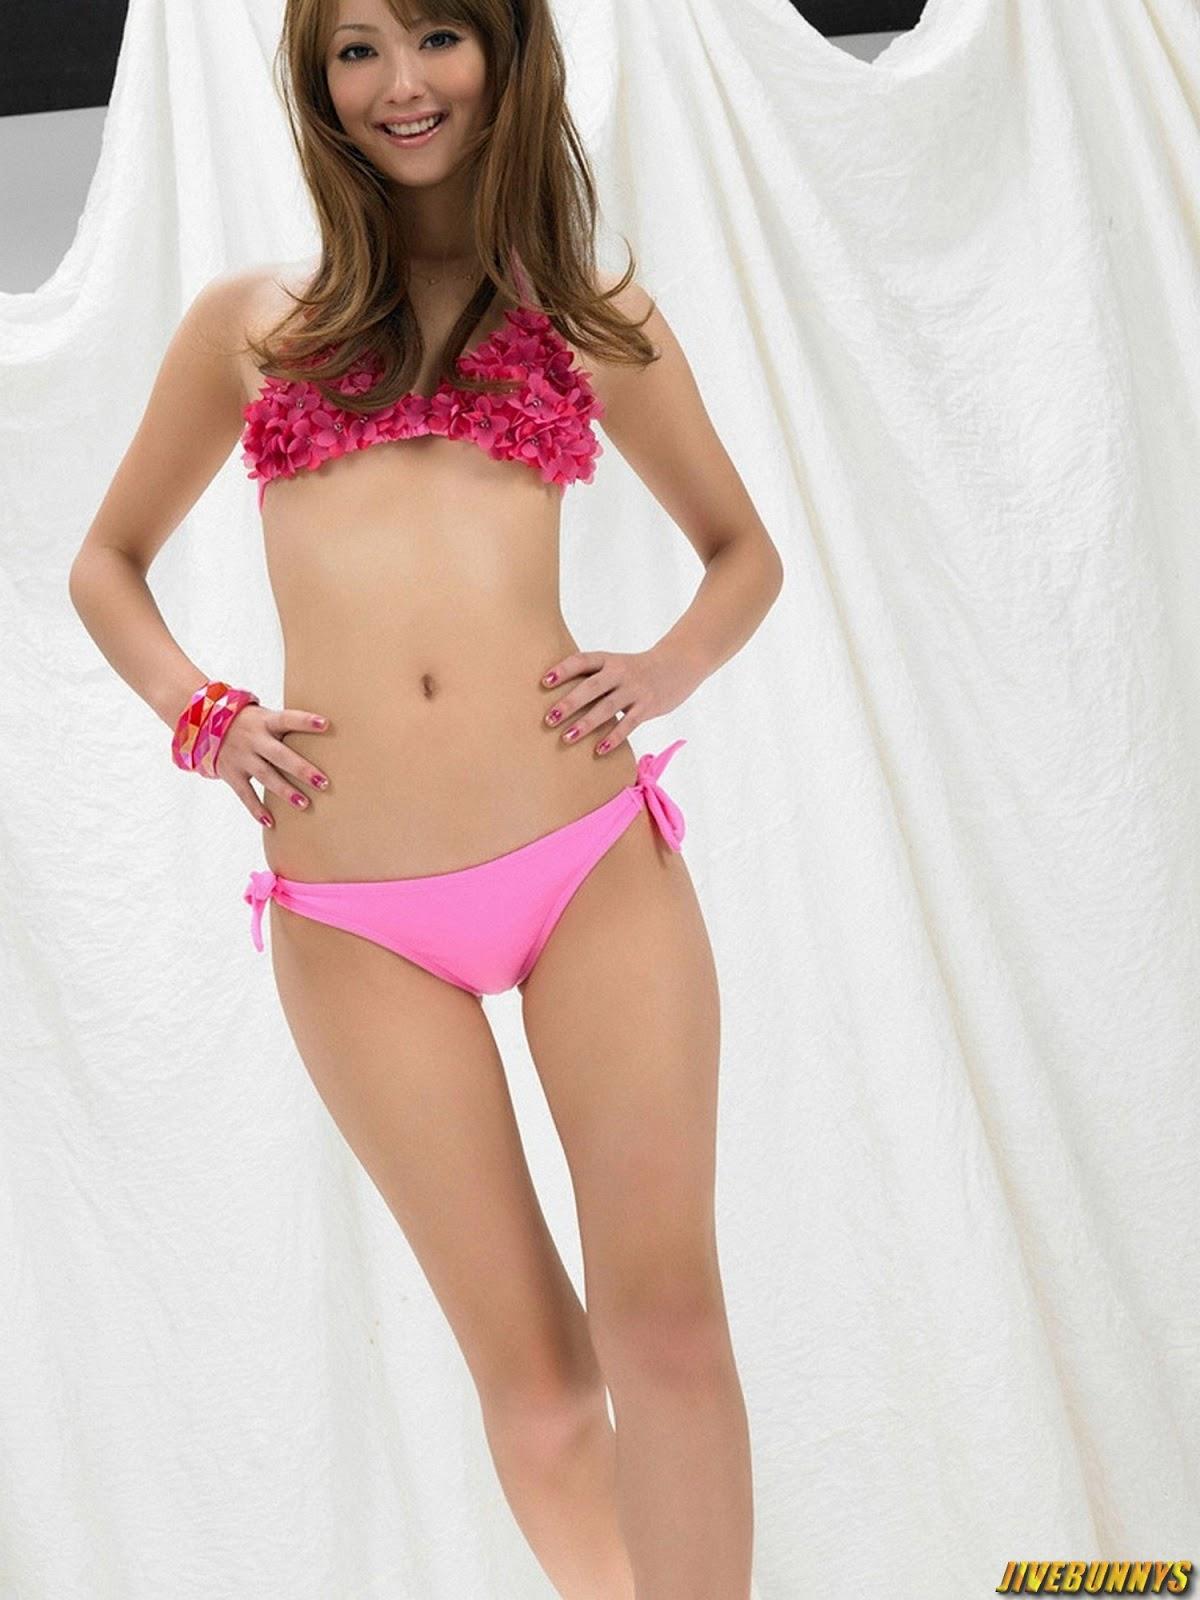 Фото молоденькая девочка одна дома демонстрирует розовые трусики 6 фотография